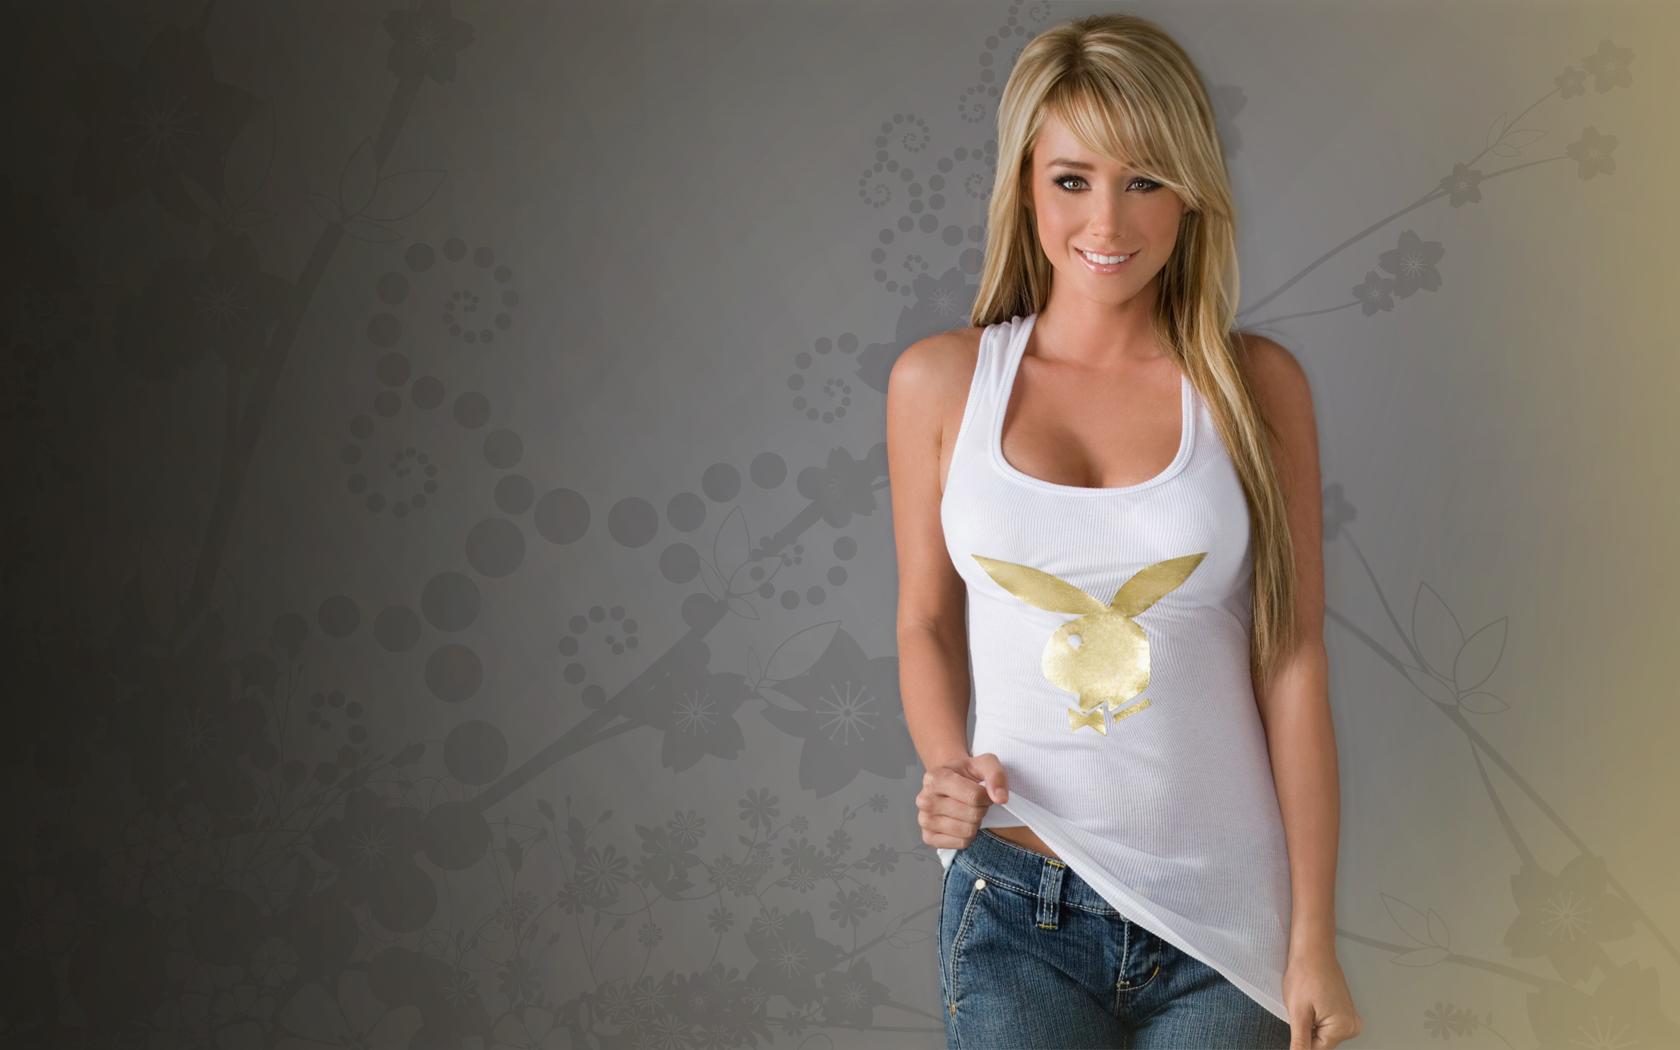 Model Women Jeans Blonde Necks Sara Jean Underwood Tank Top Smiling Long Hair White Tops Pink